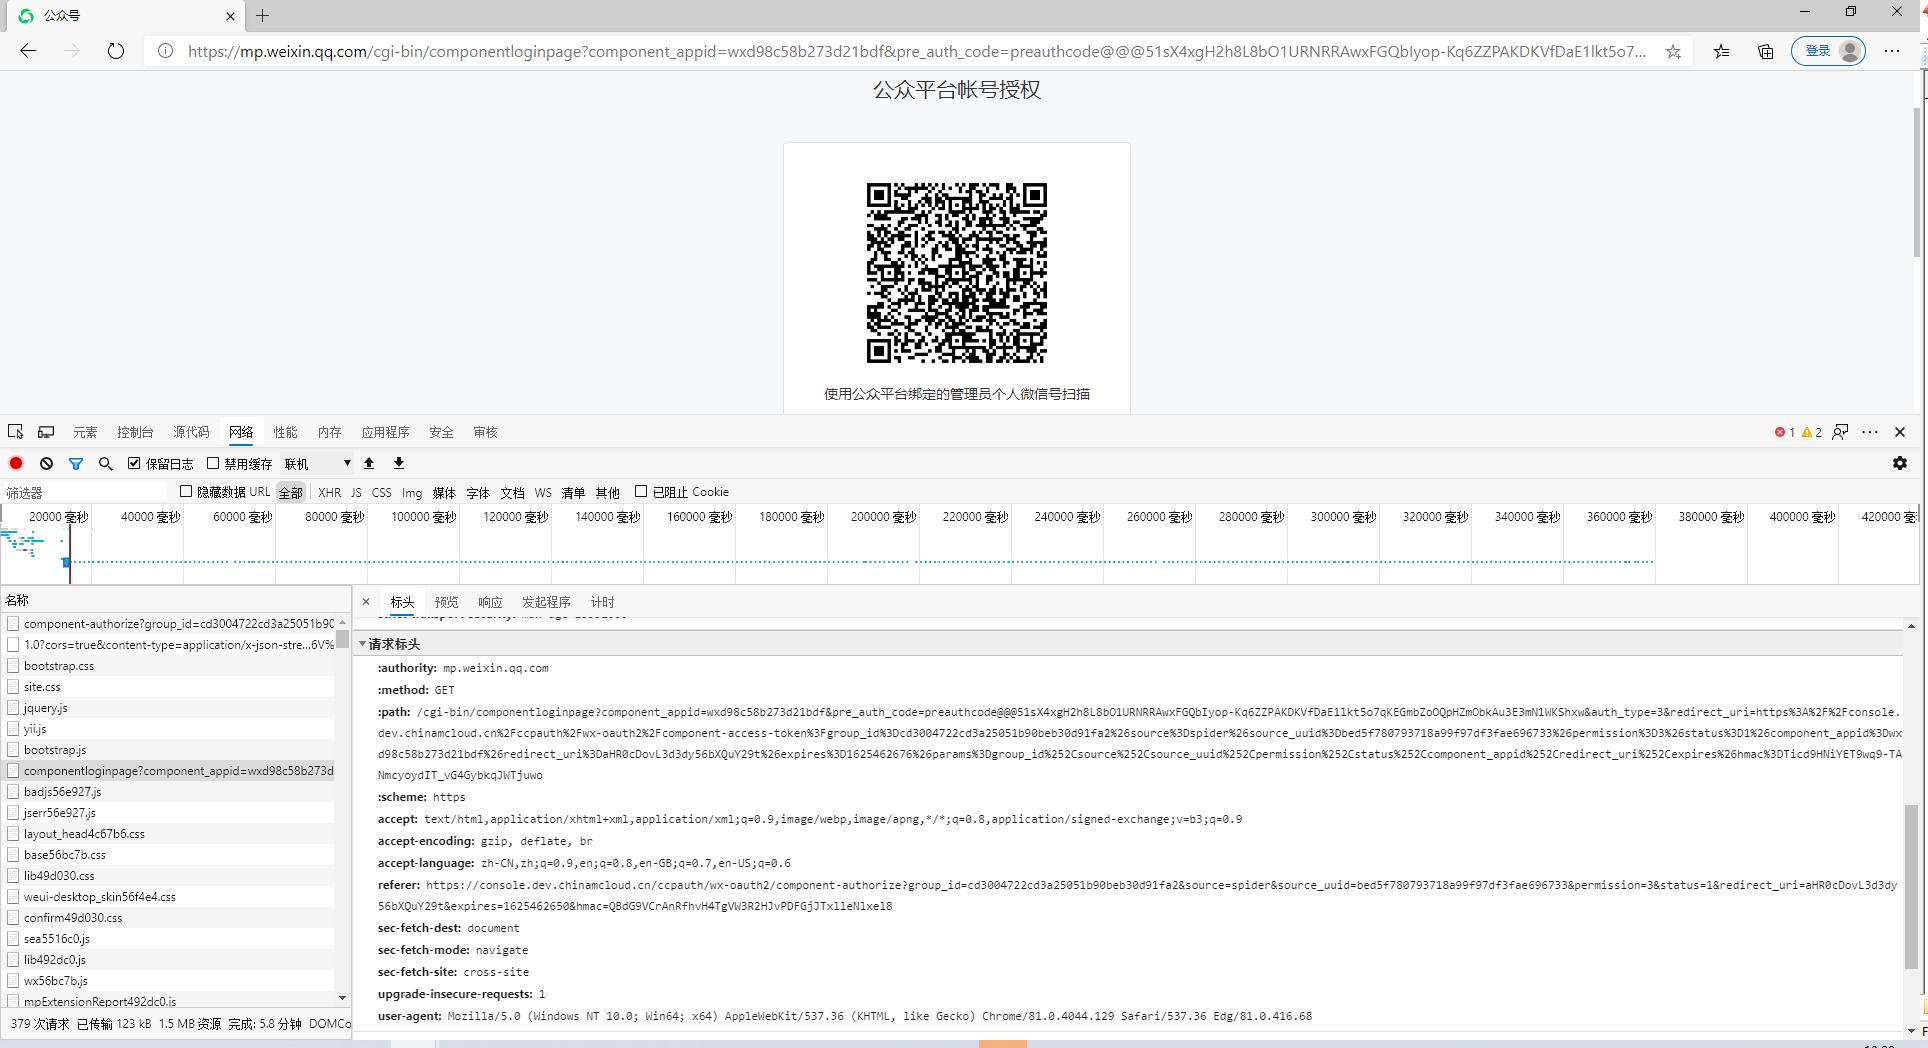 在现有已经实现的程序中,先打开授权入口页,再跳转至PC端授权链接,未报错,正常显示待扫描的二维码。仔细对比二者的差异,正常显示二维码的页面,其请求头中包含:referer。